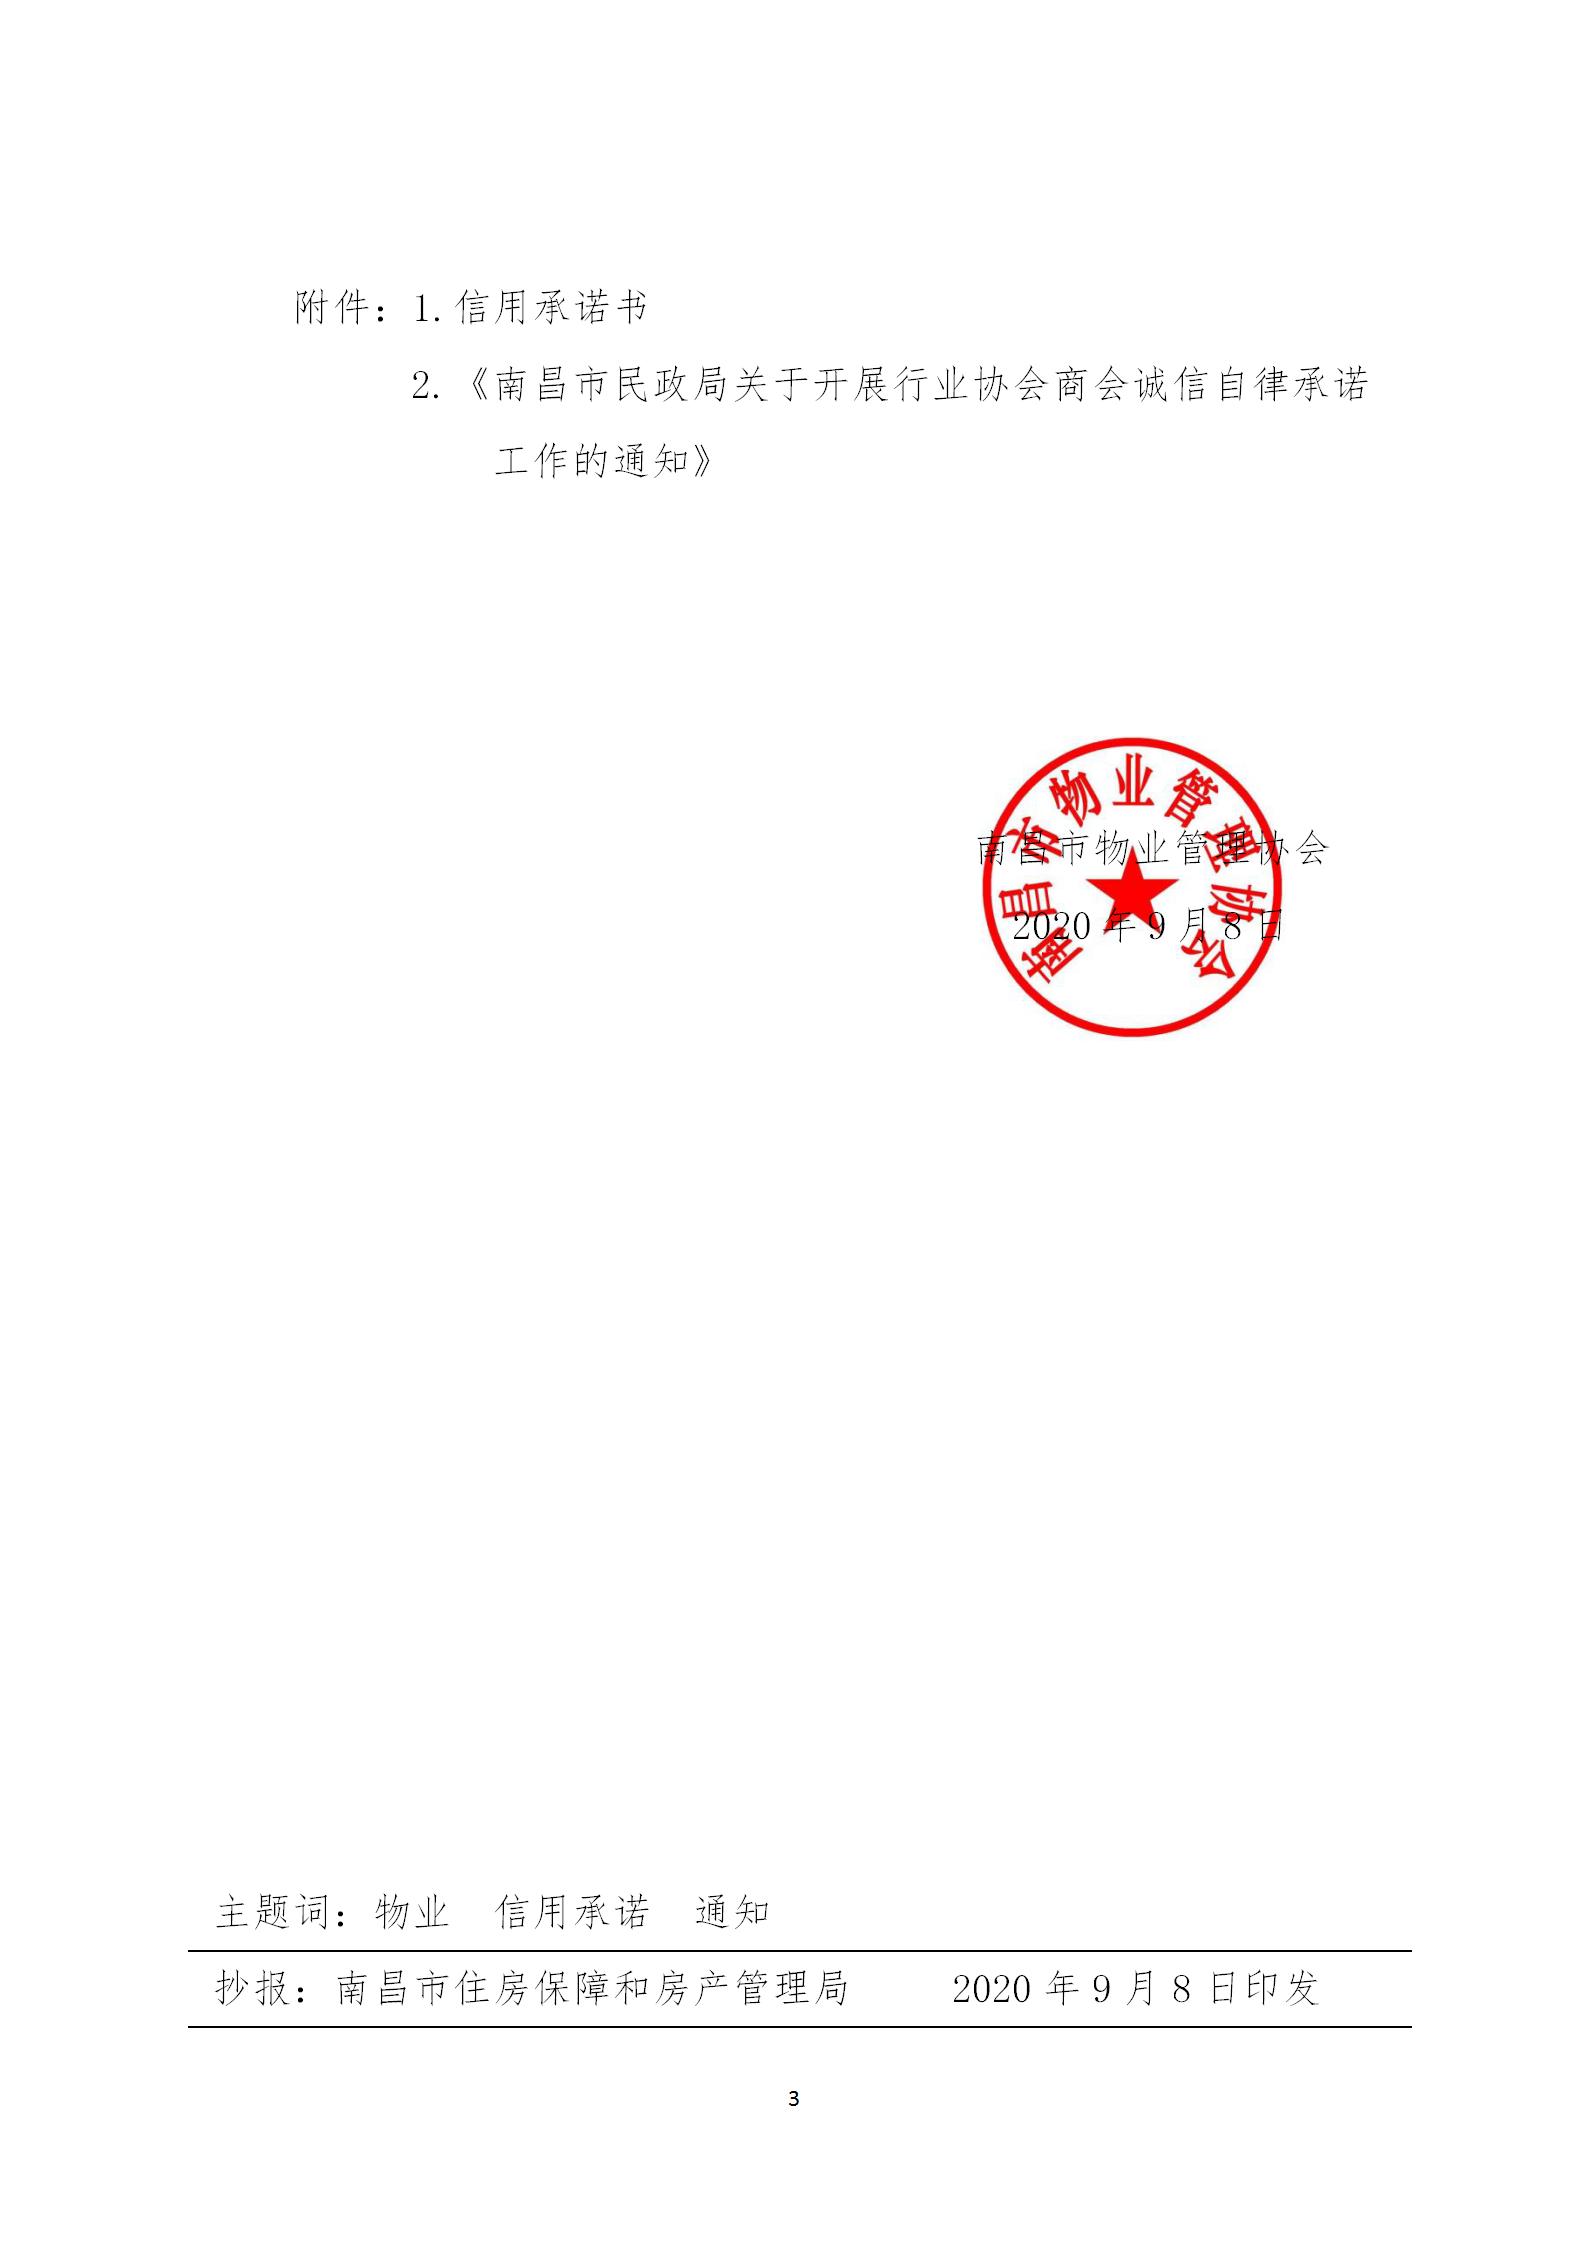 洪物协字[2020]19号关于在物业行业开展信用承诺工作的通知_03.png